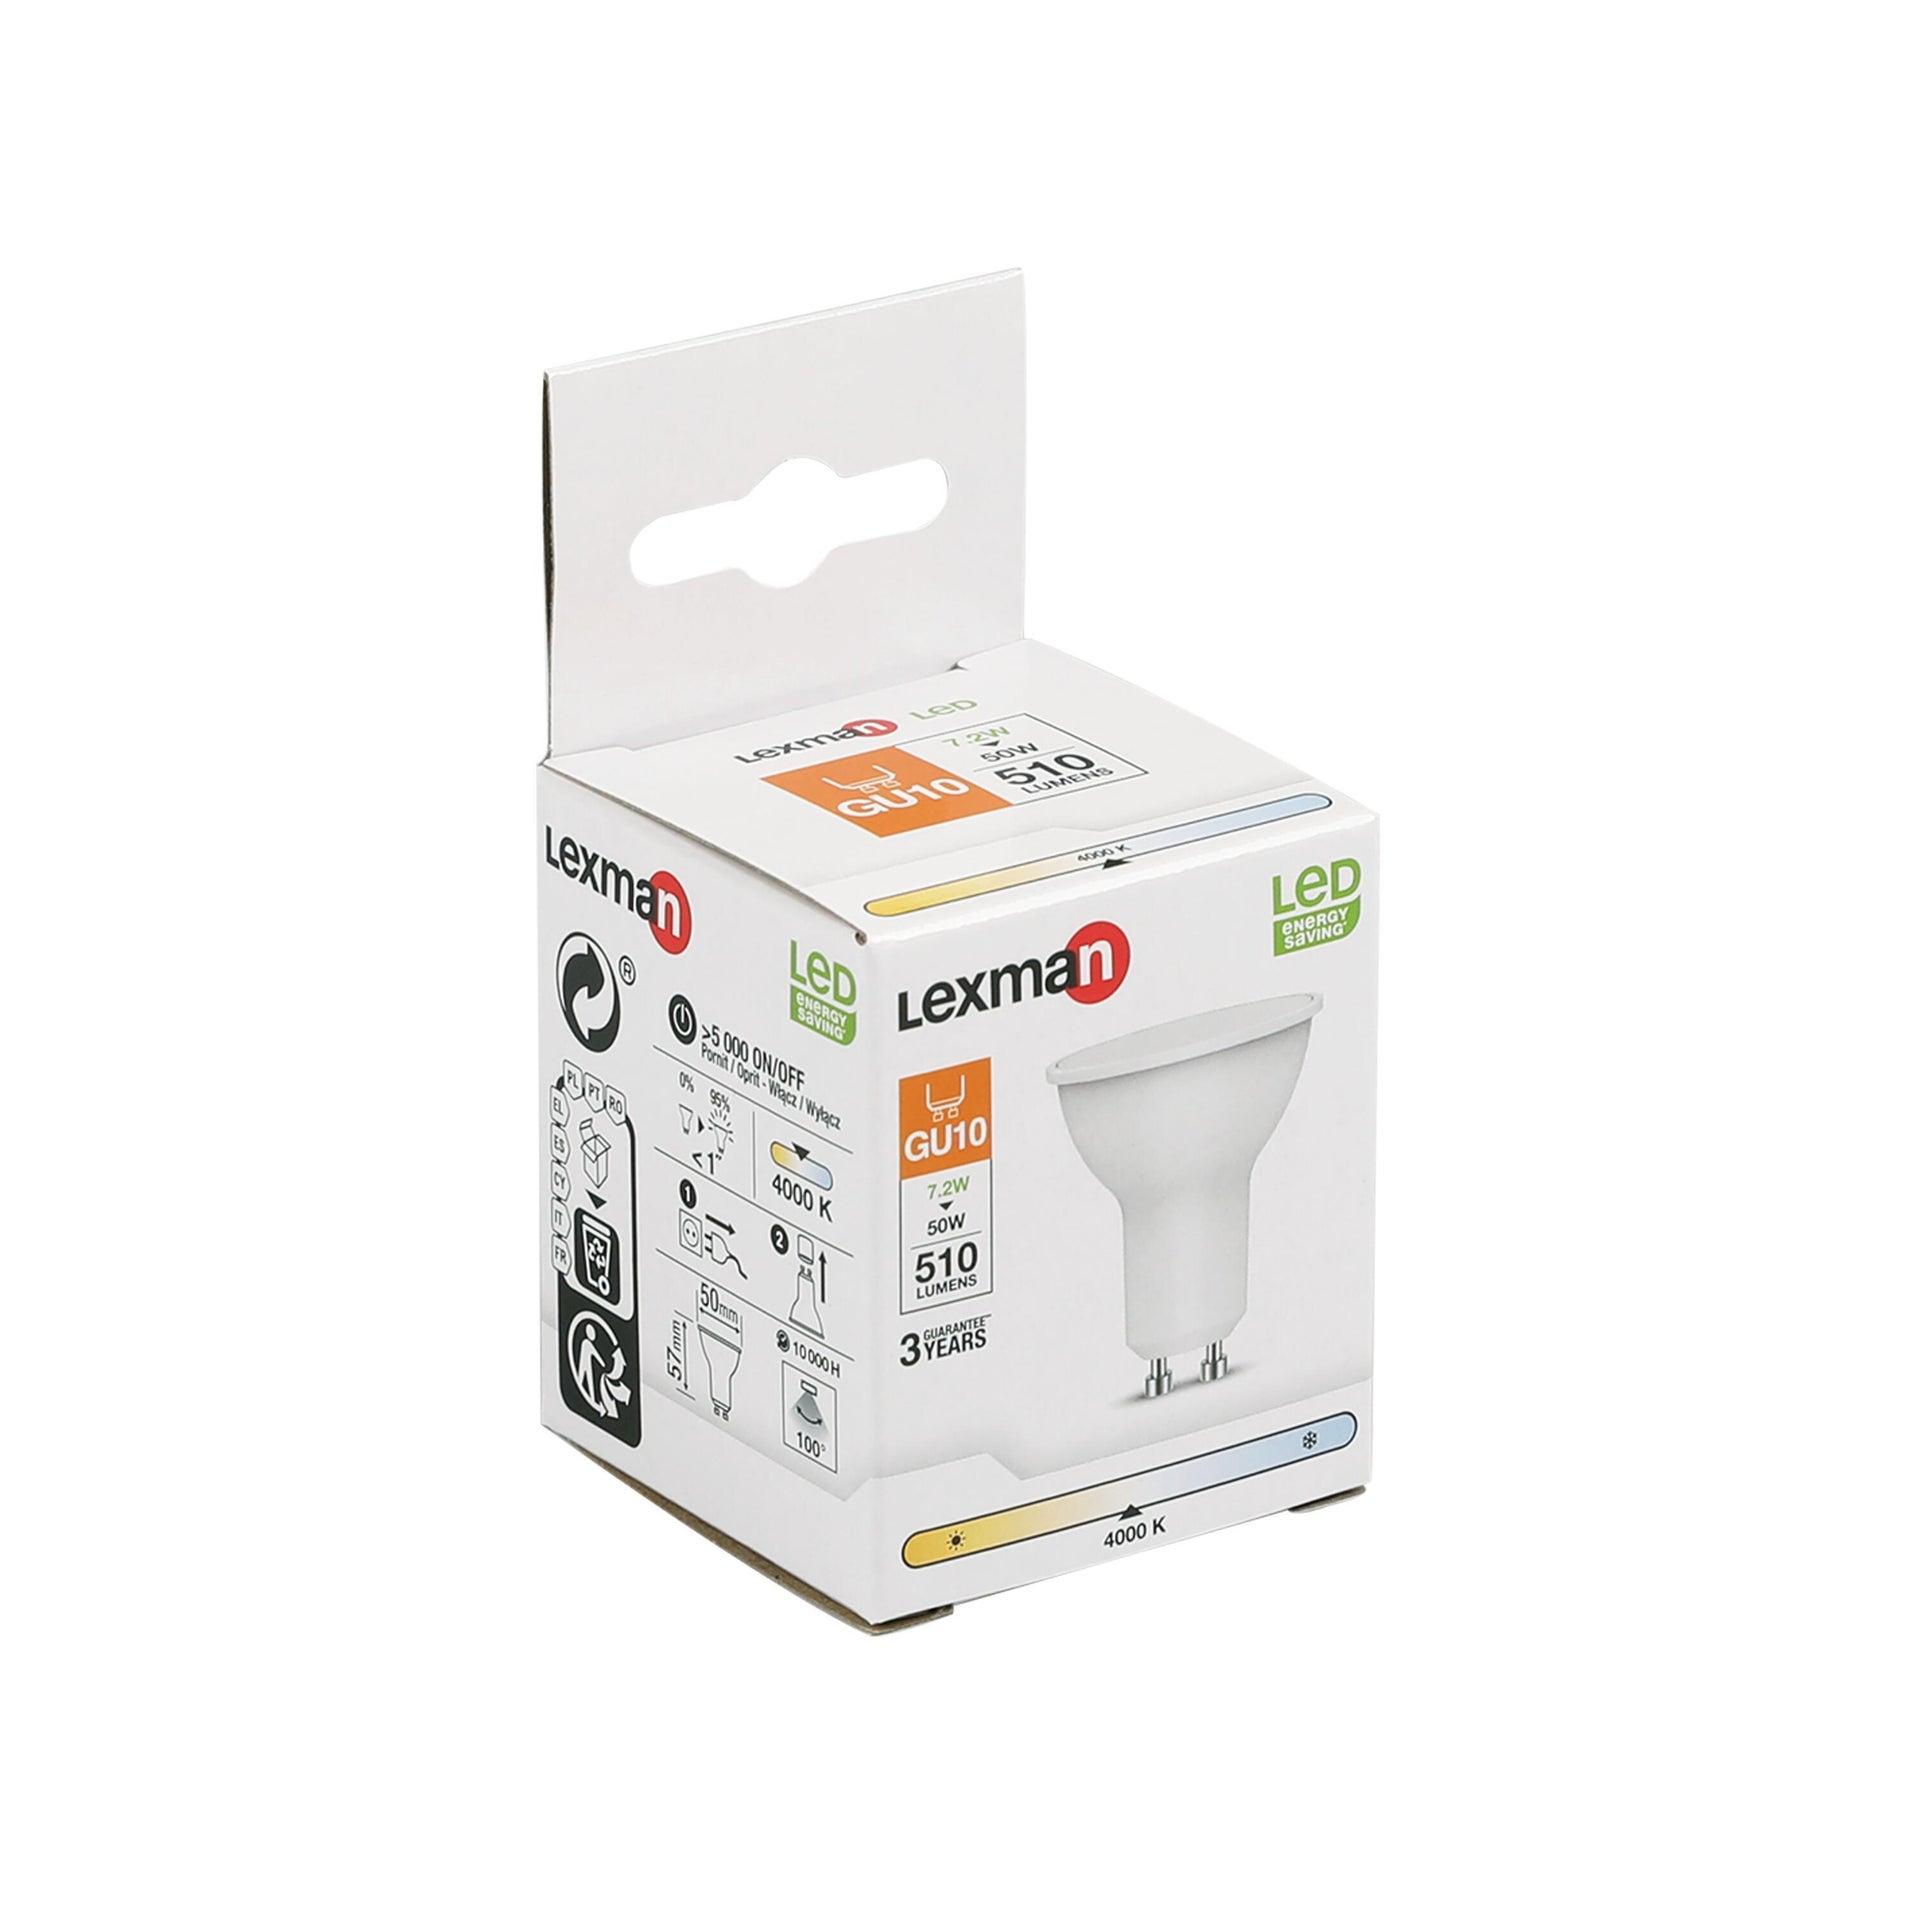 Lampadina LED, GU10, Faretto, Smerigliato, Luce naturale, 6W=450LM (equiv 50 W), 100° , LEXMAN - 4